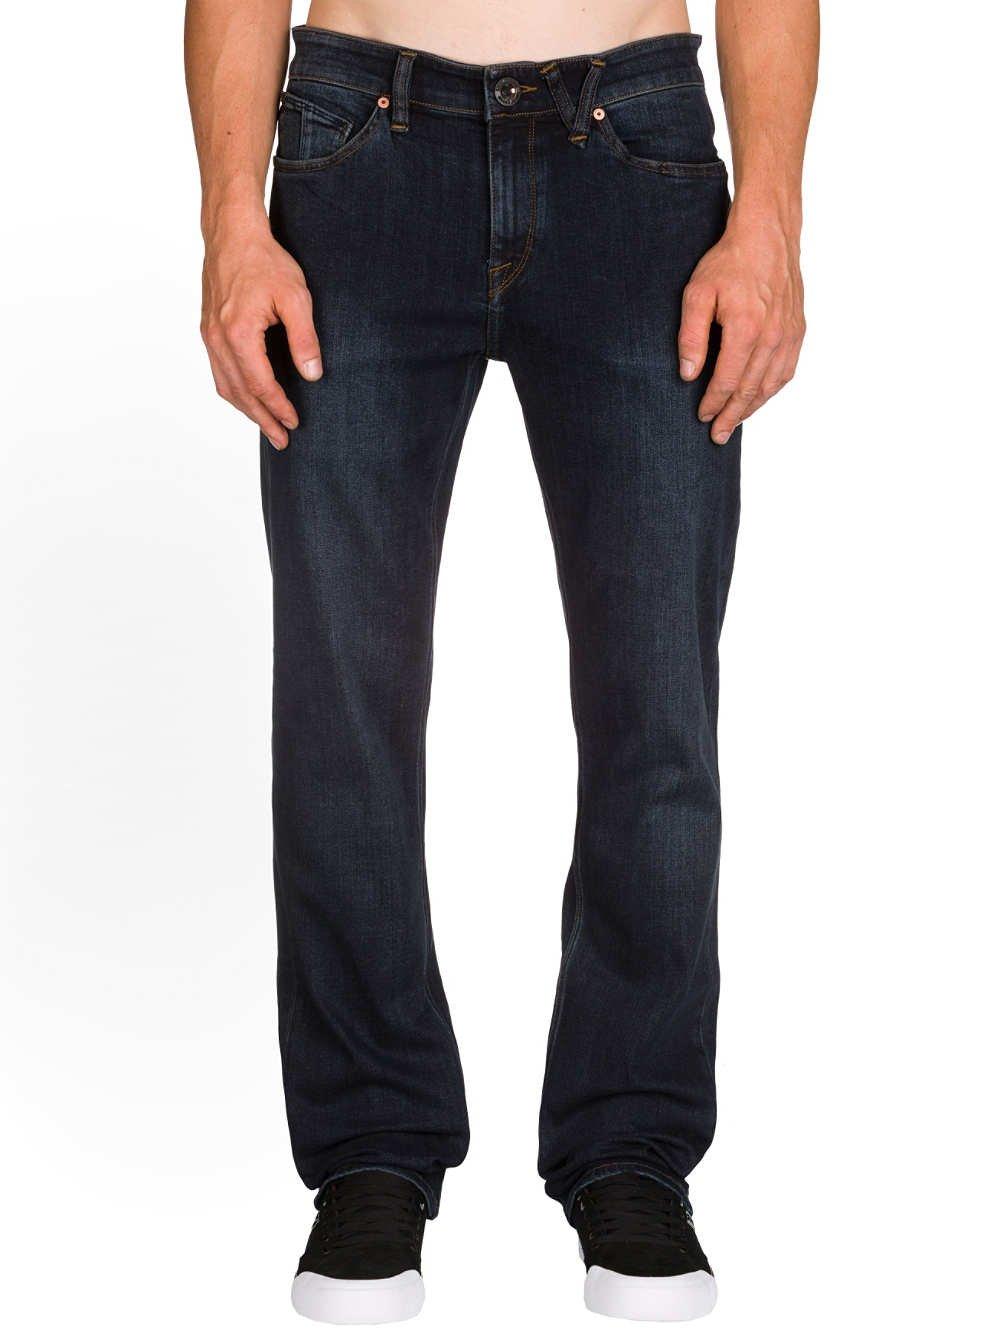 Volcom Men's Solver Modern Fit Denim Jeans, Vintage Blue, 36X34